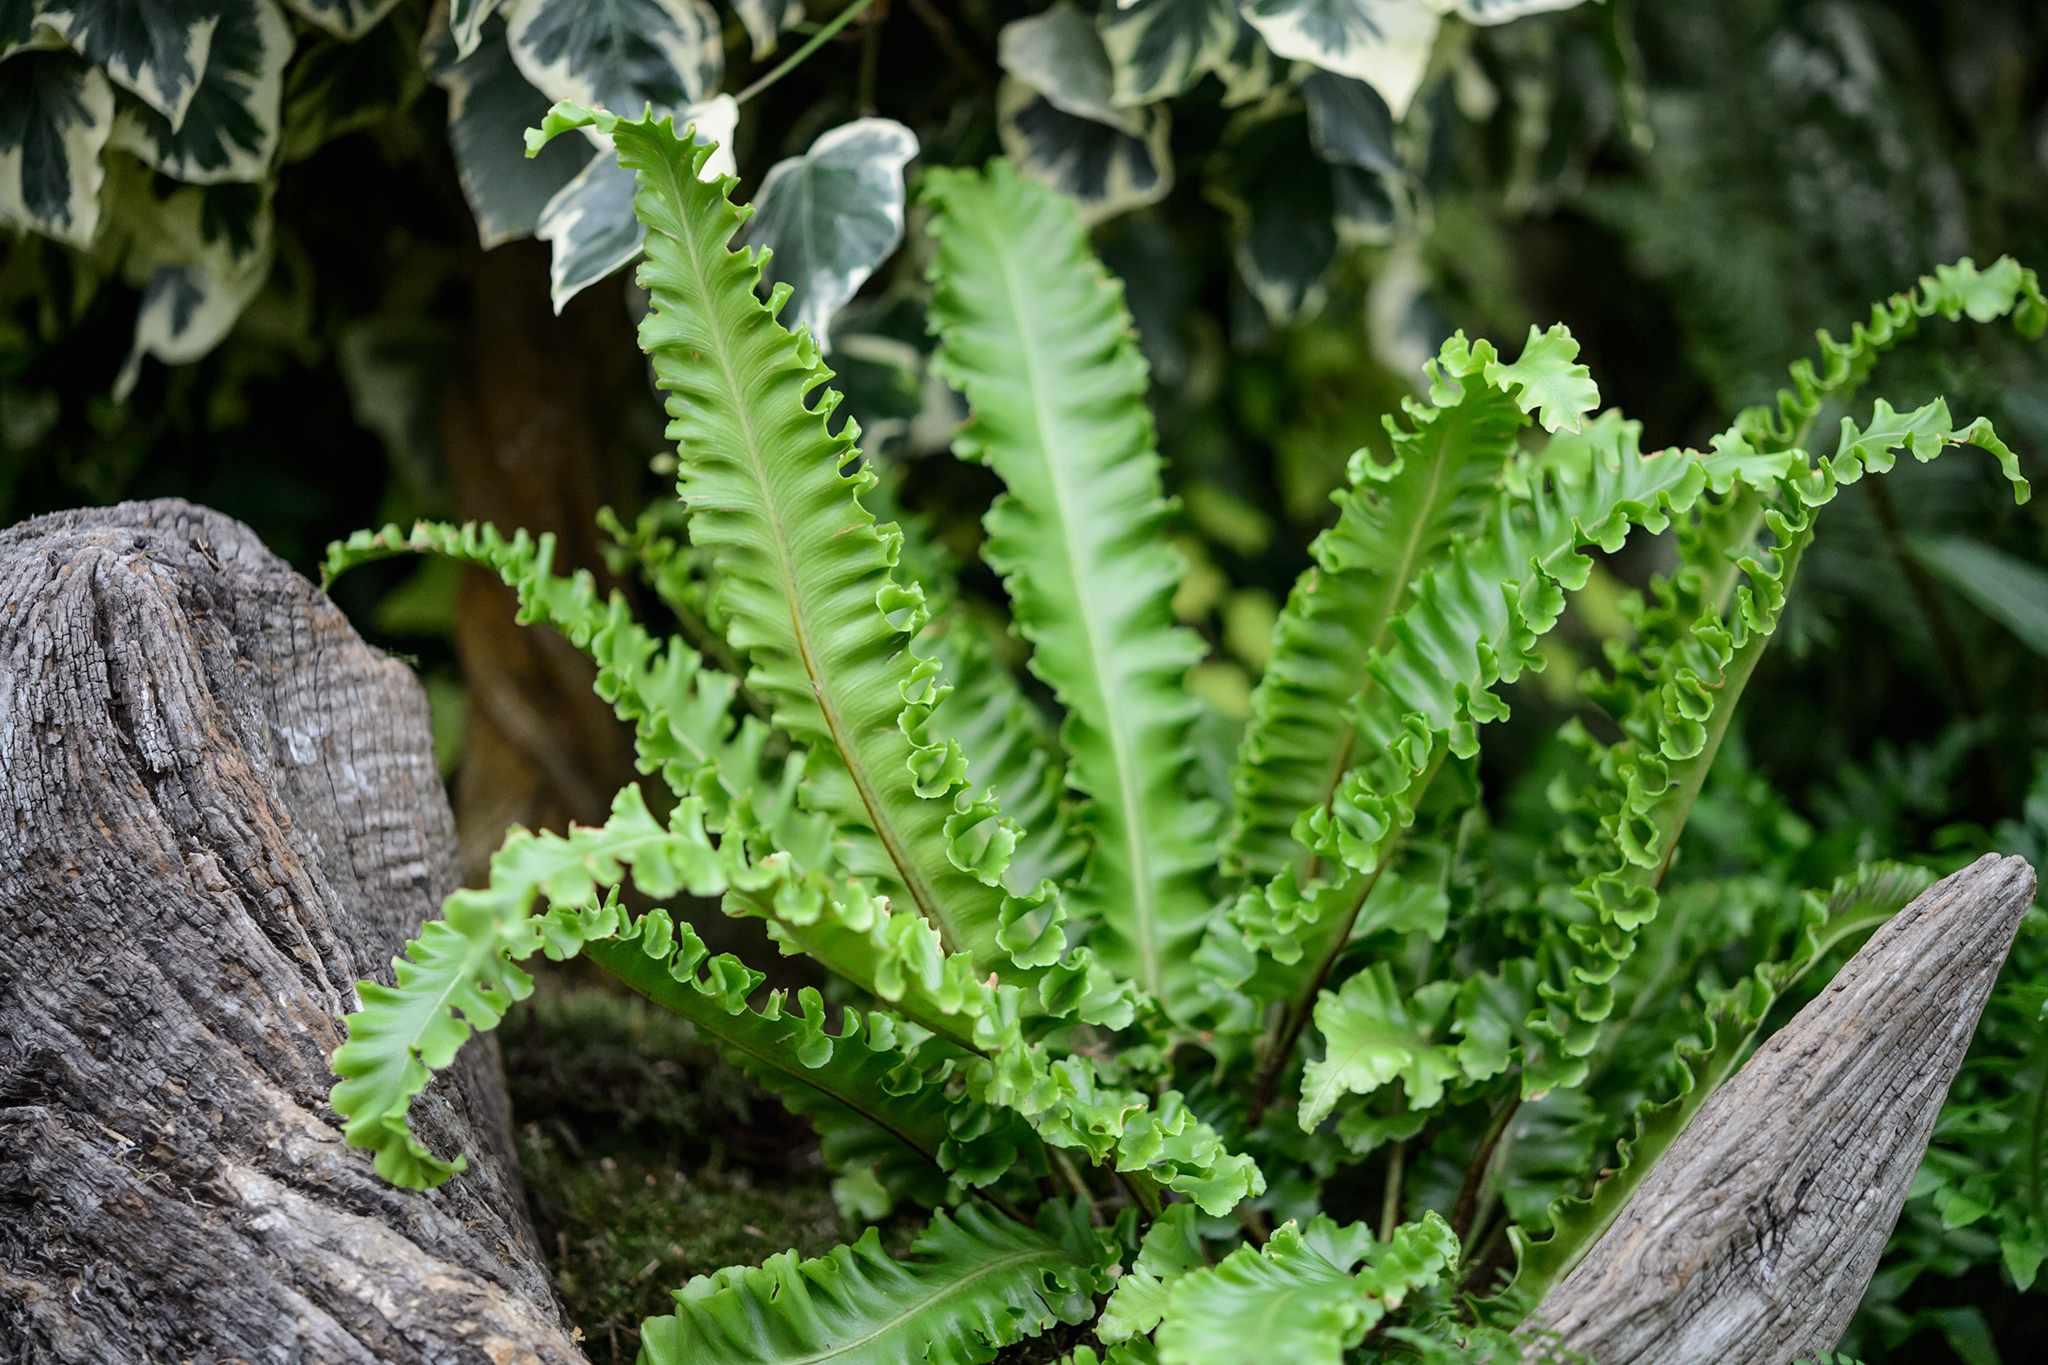 Asplenium scolopendrium Crispum Boltons Nobile